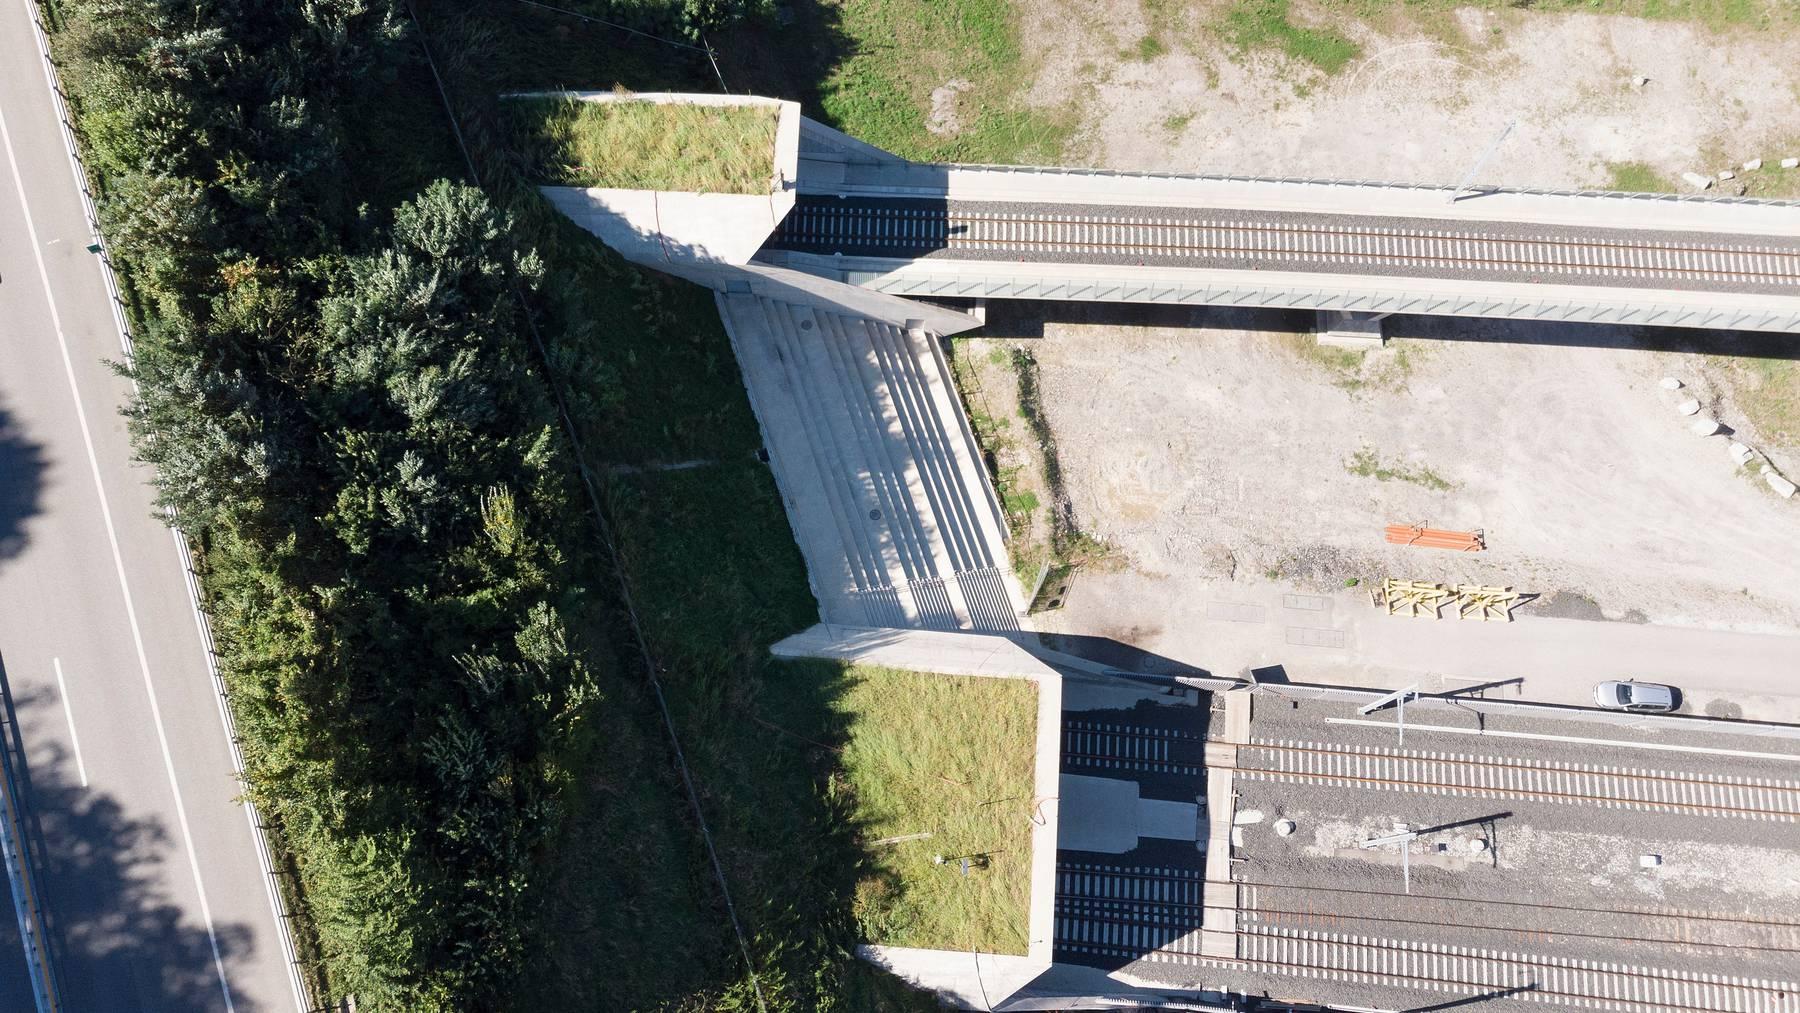 Das Nordportal des Ceneri-Basistunnels – als es sich noch im Bau befand 2018.